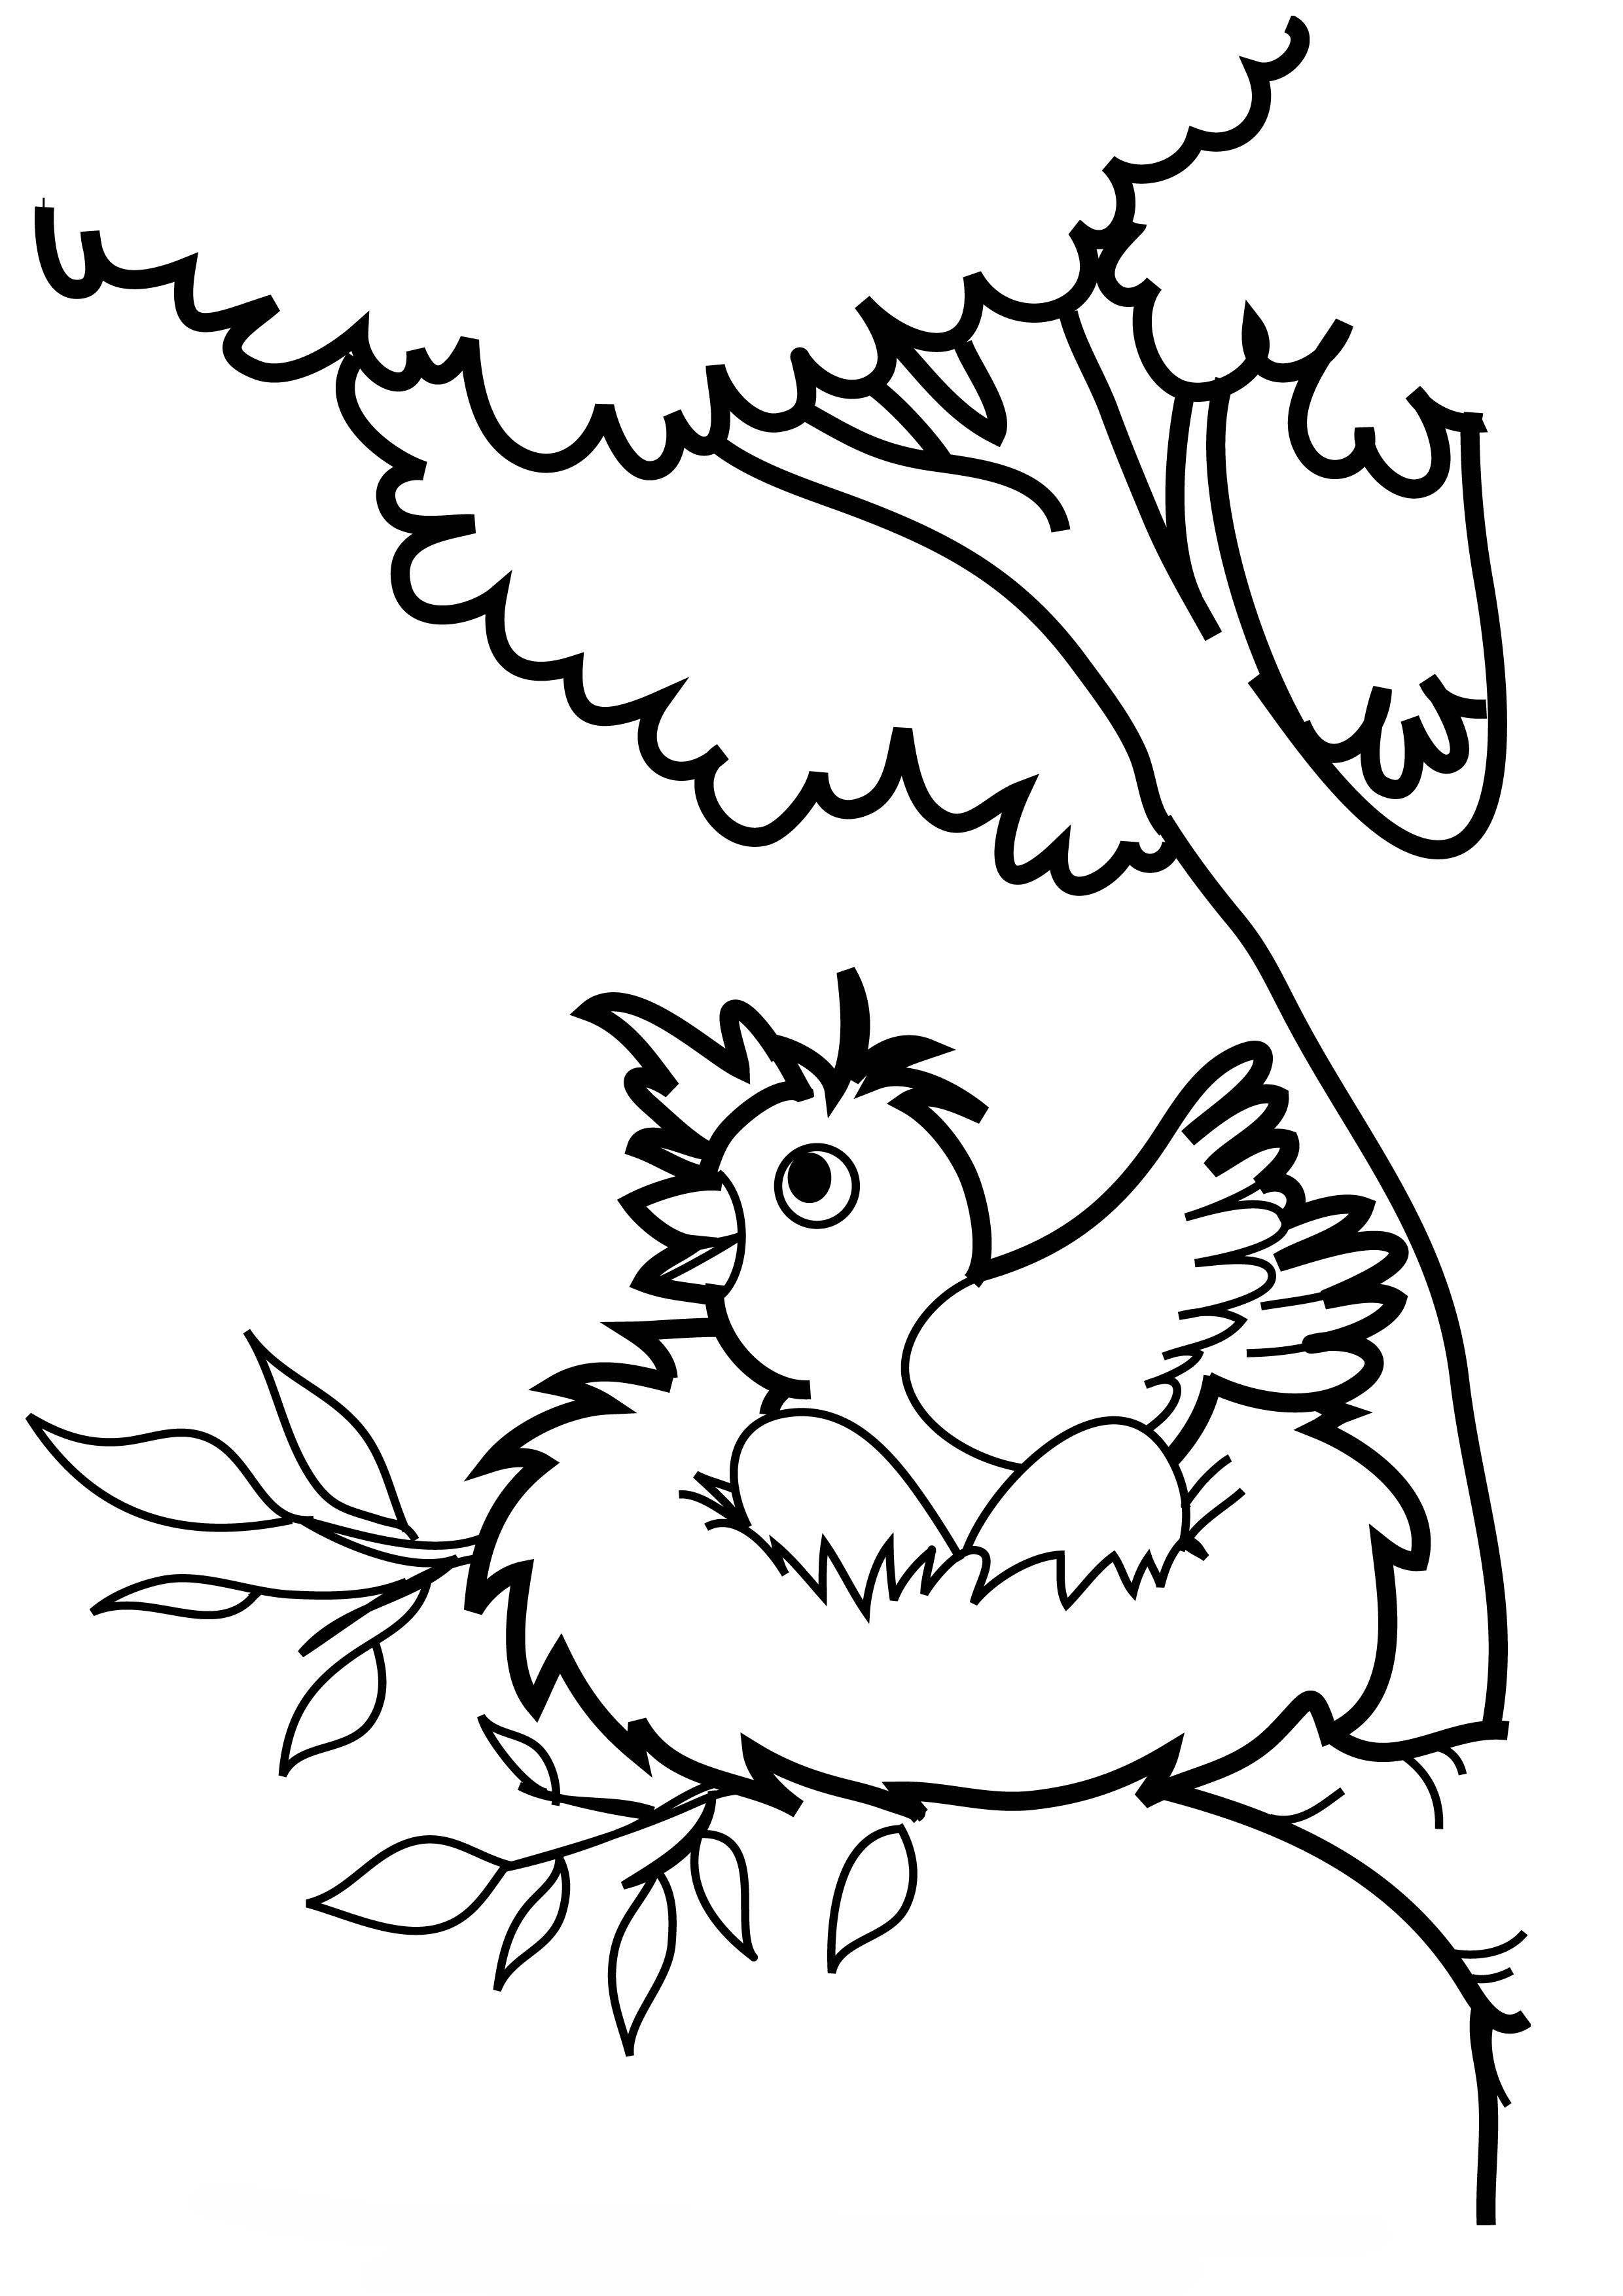 Desenho De Passarinha Chocando Ovos No Ninho Para Colorir